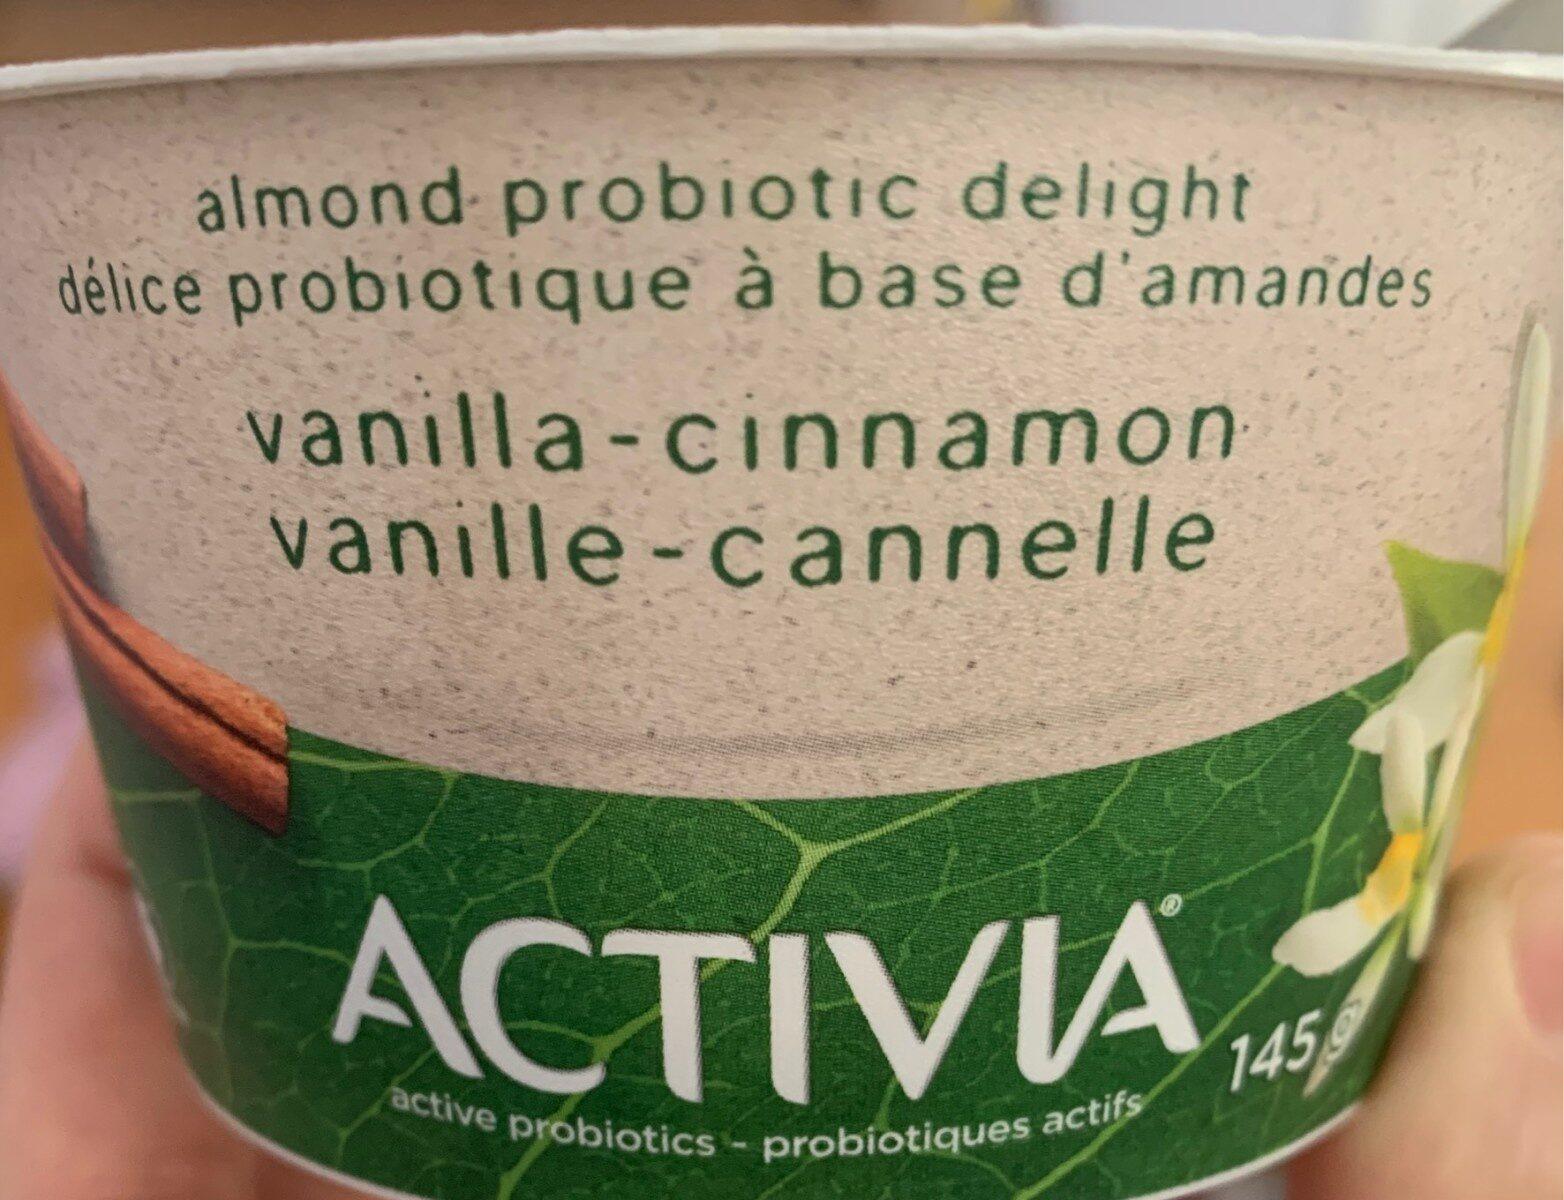 Delice probiotique à base d'amande - Produit - fr